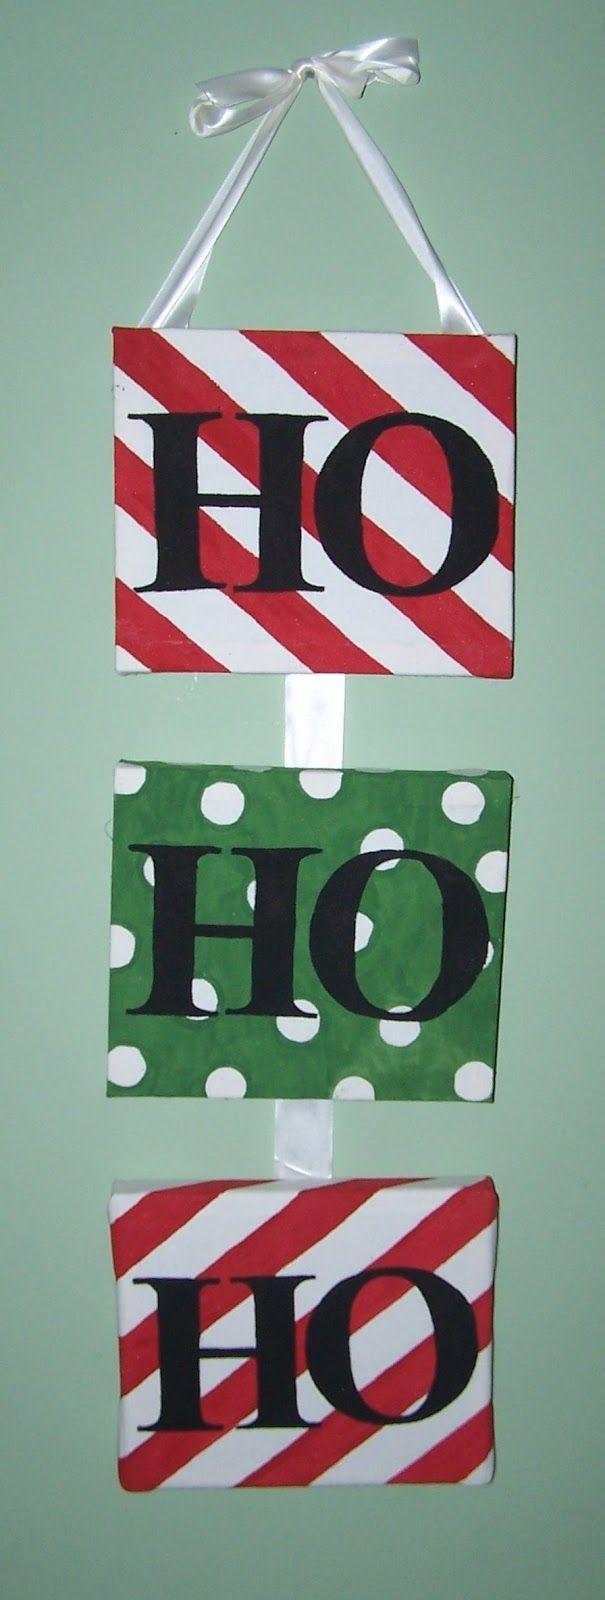 The Beautiful Budget:  Ho Ho Ho DIY Christmas Canvas